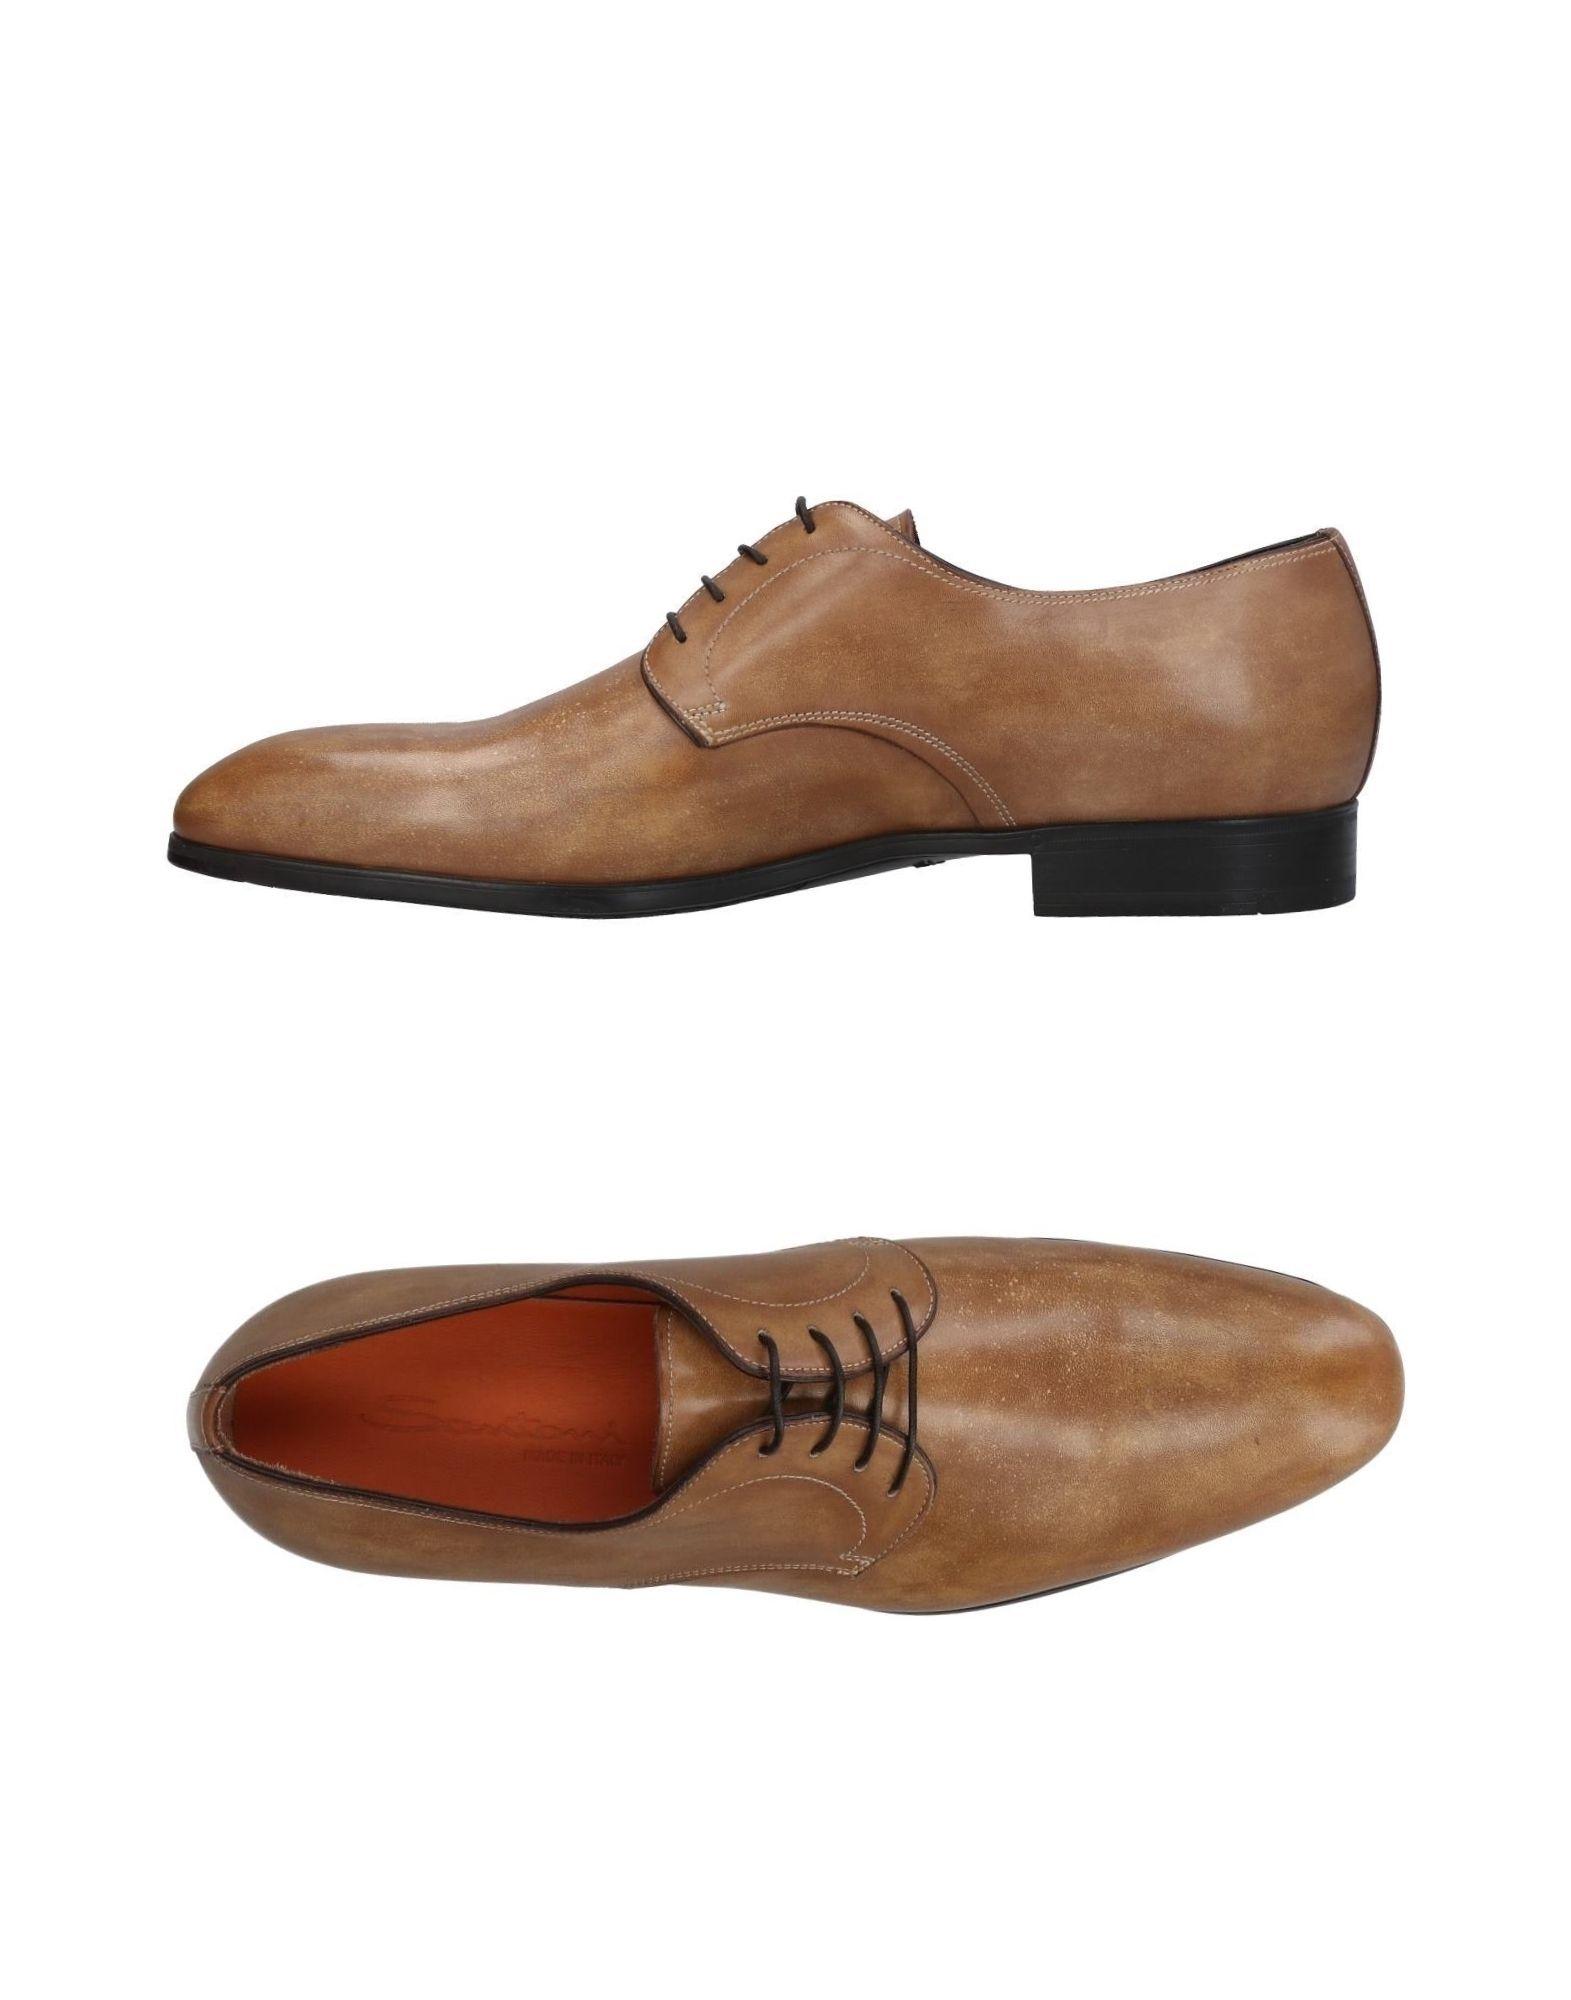 Santoni Schnürschuhe Herren  11419033CK Gute Qualität beliebte Schuhe